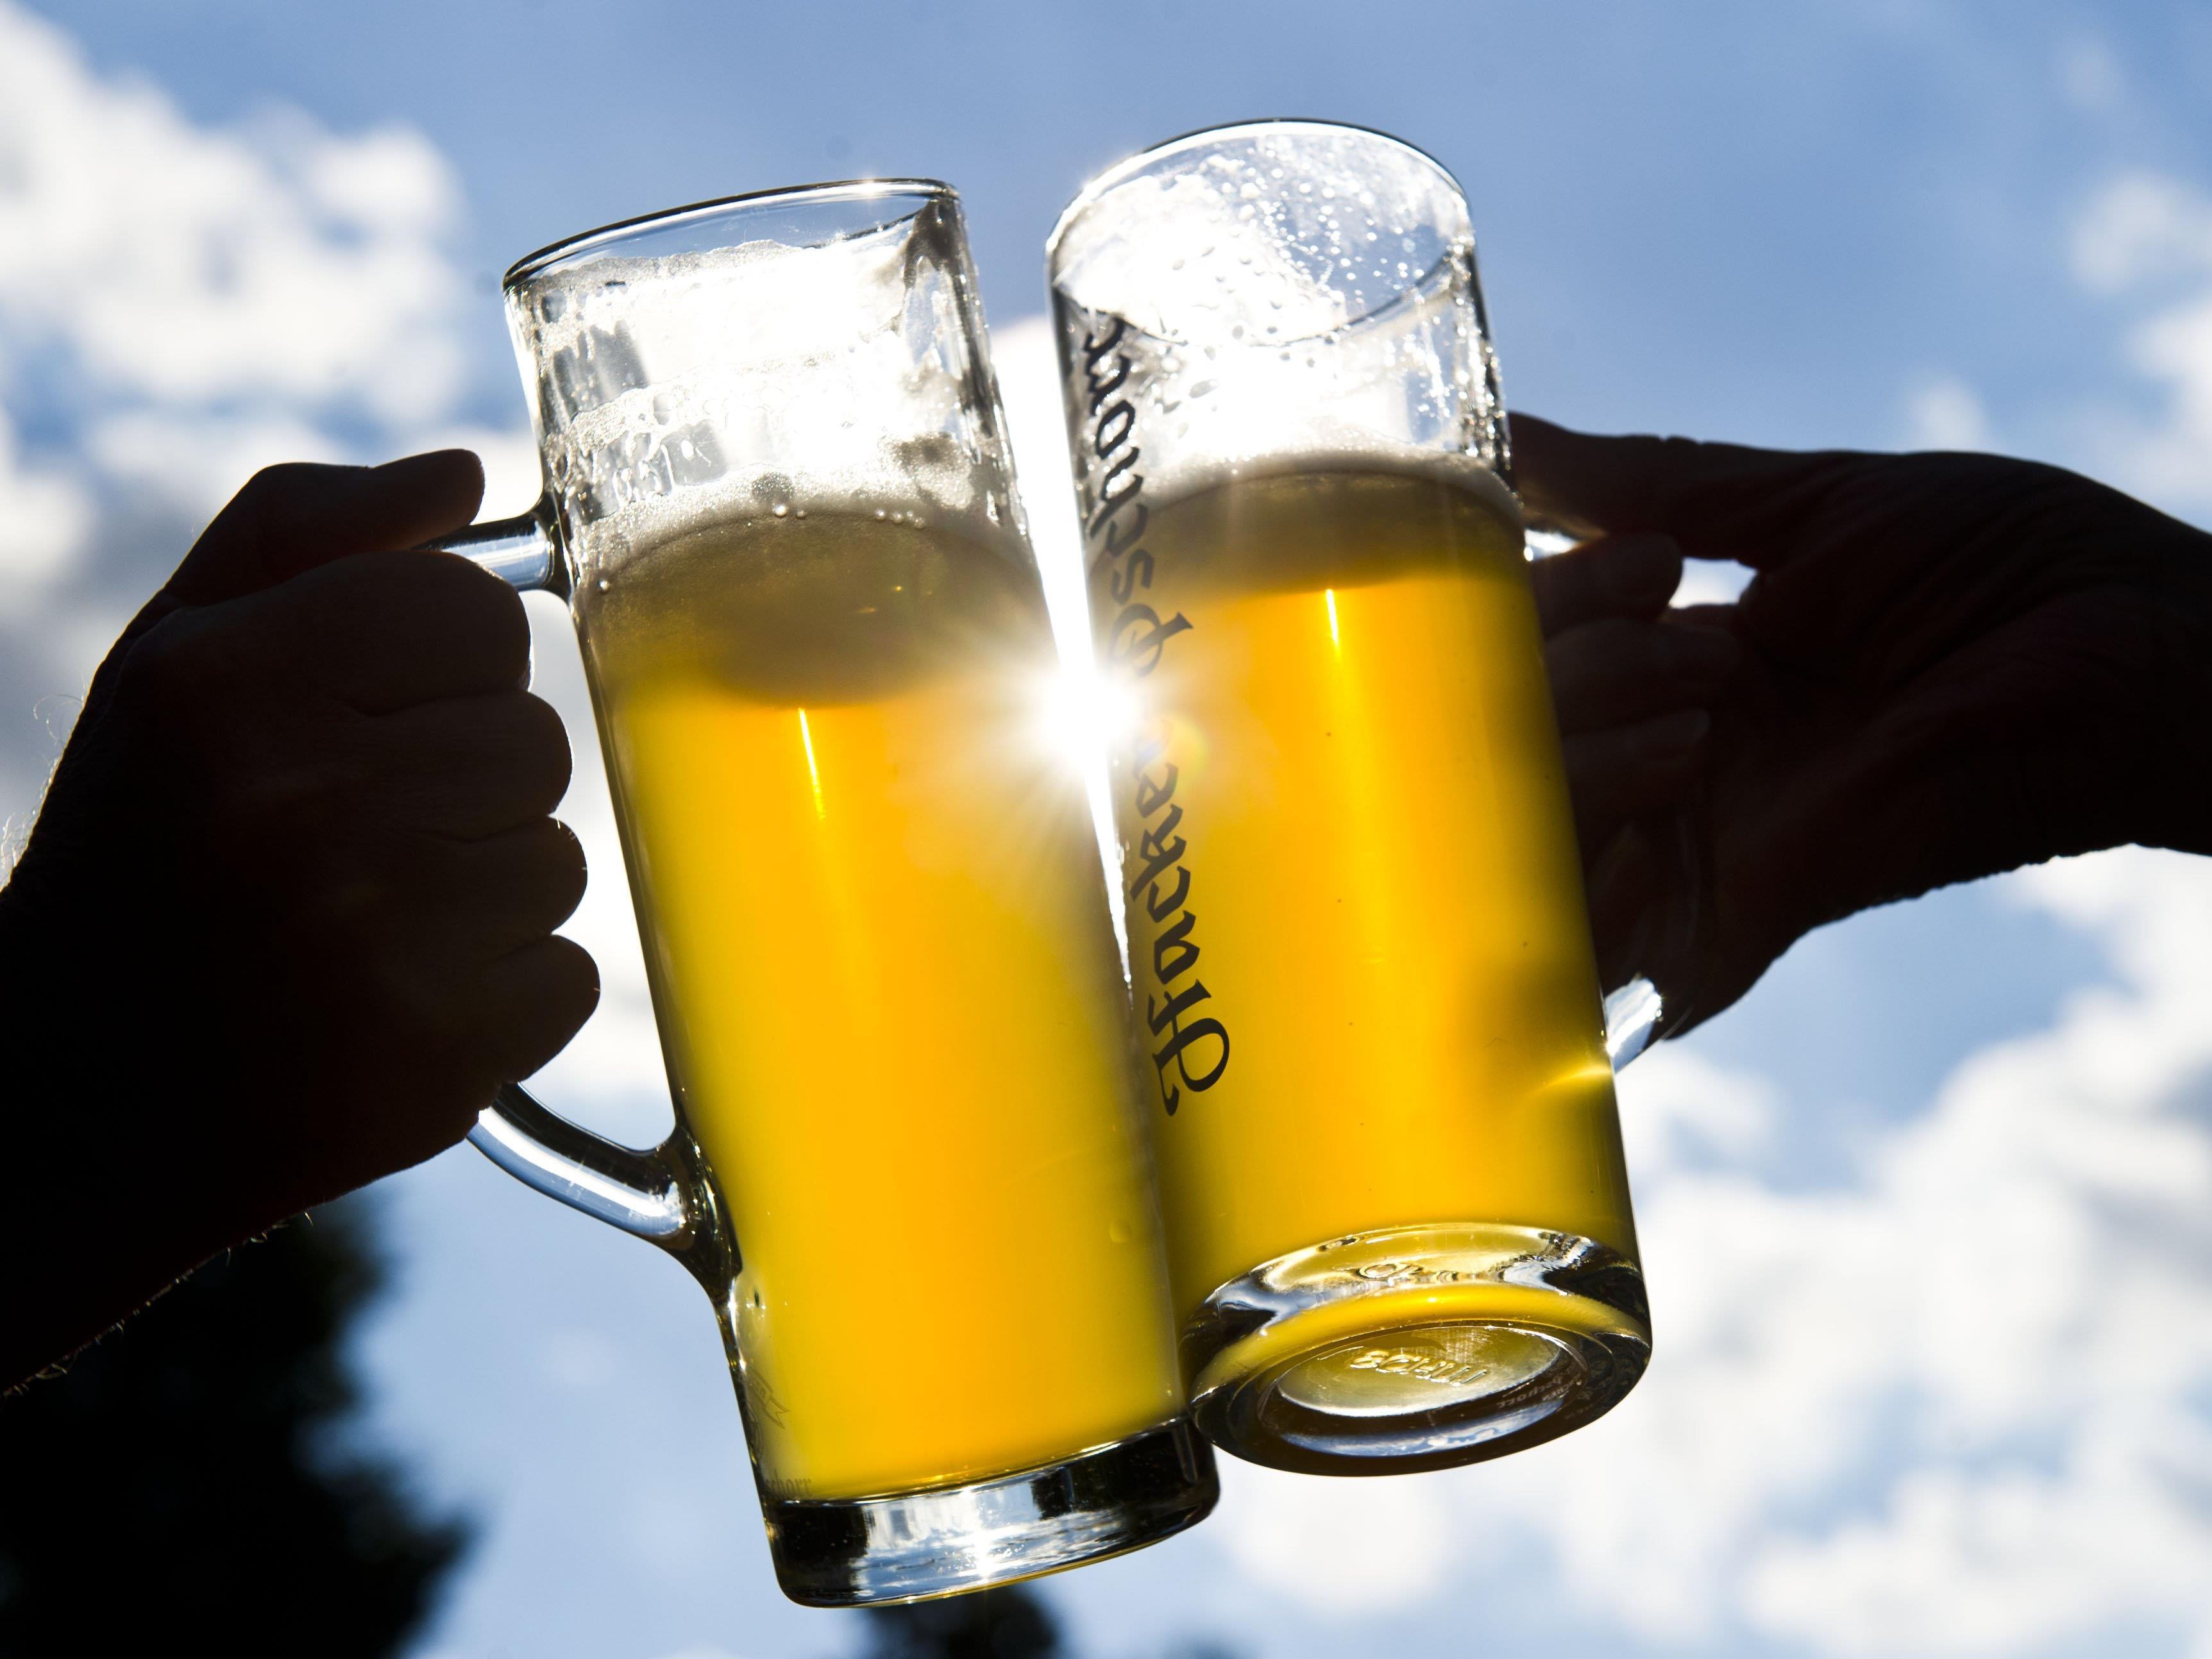 Das Bier in den nordischen Ländern ist deutlich teurer.